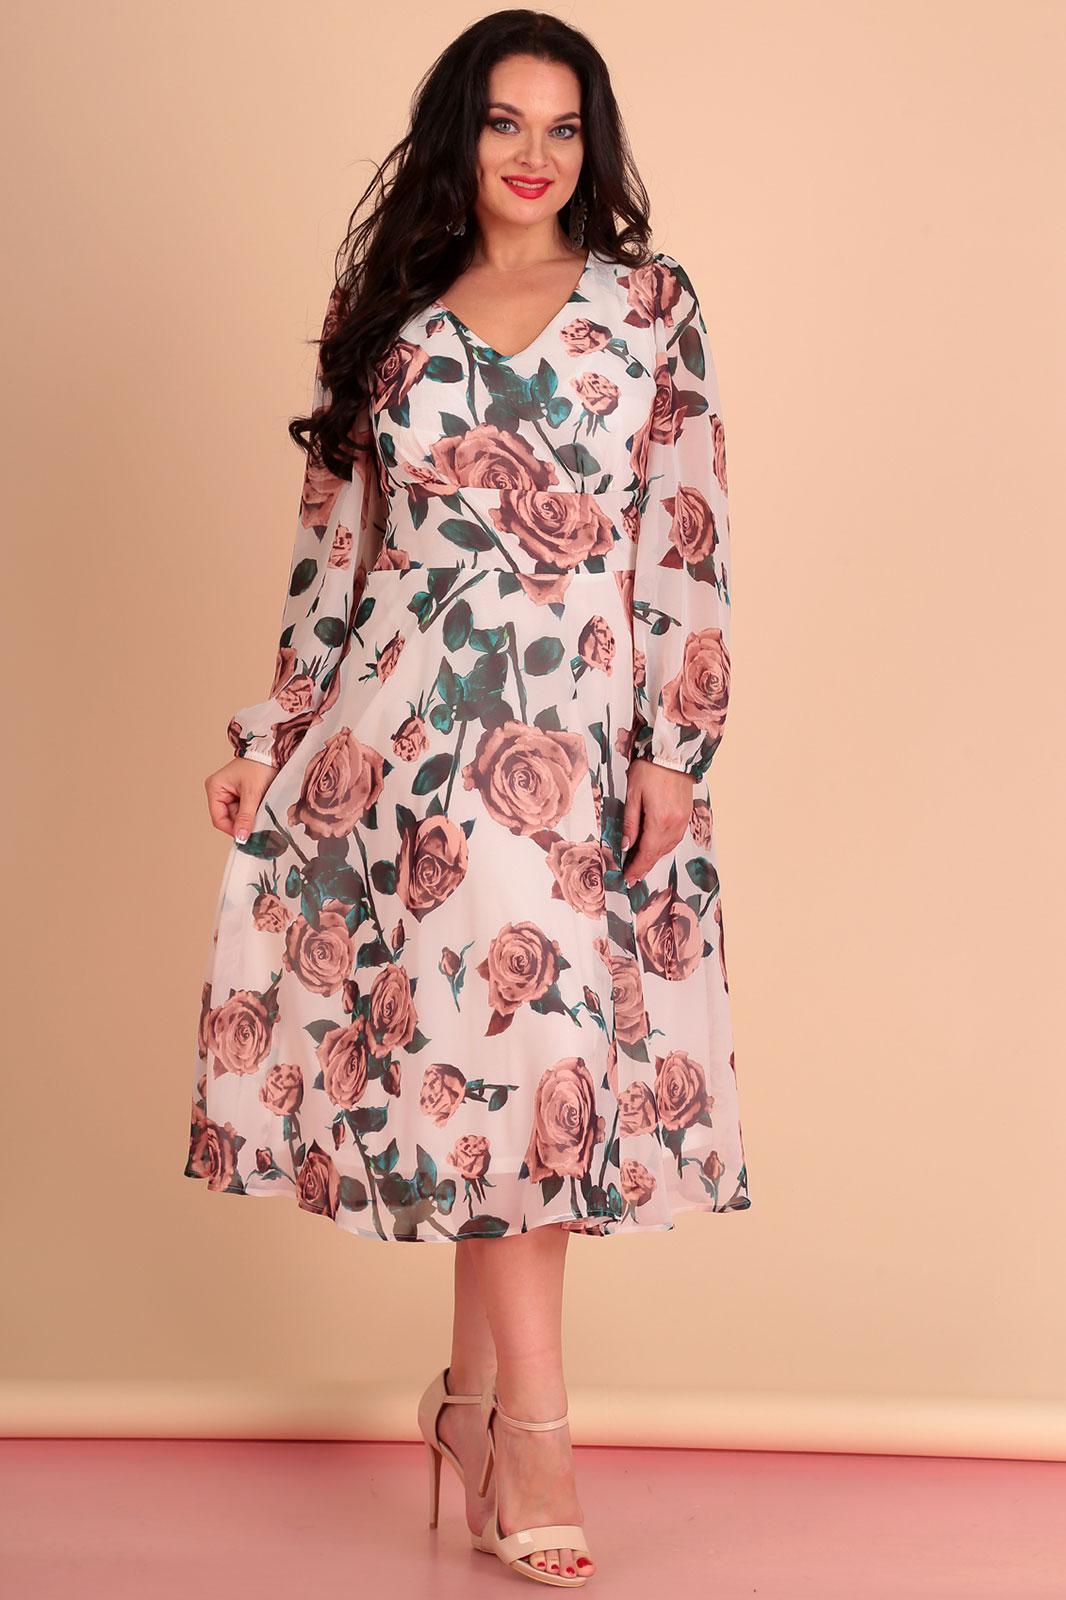 Купить Платье Лиона-Стиль, 642 цветы на белом, Беларусь